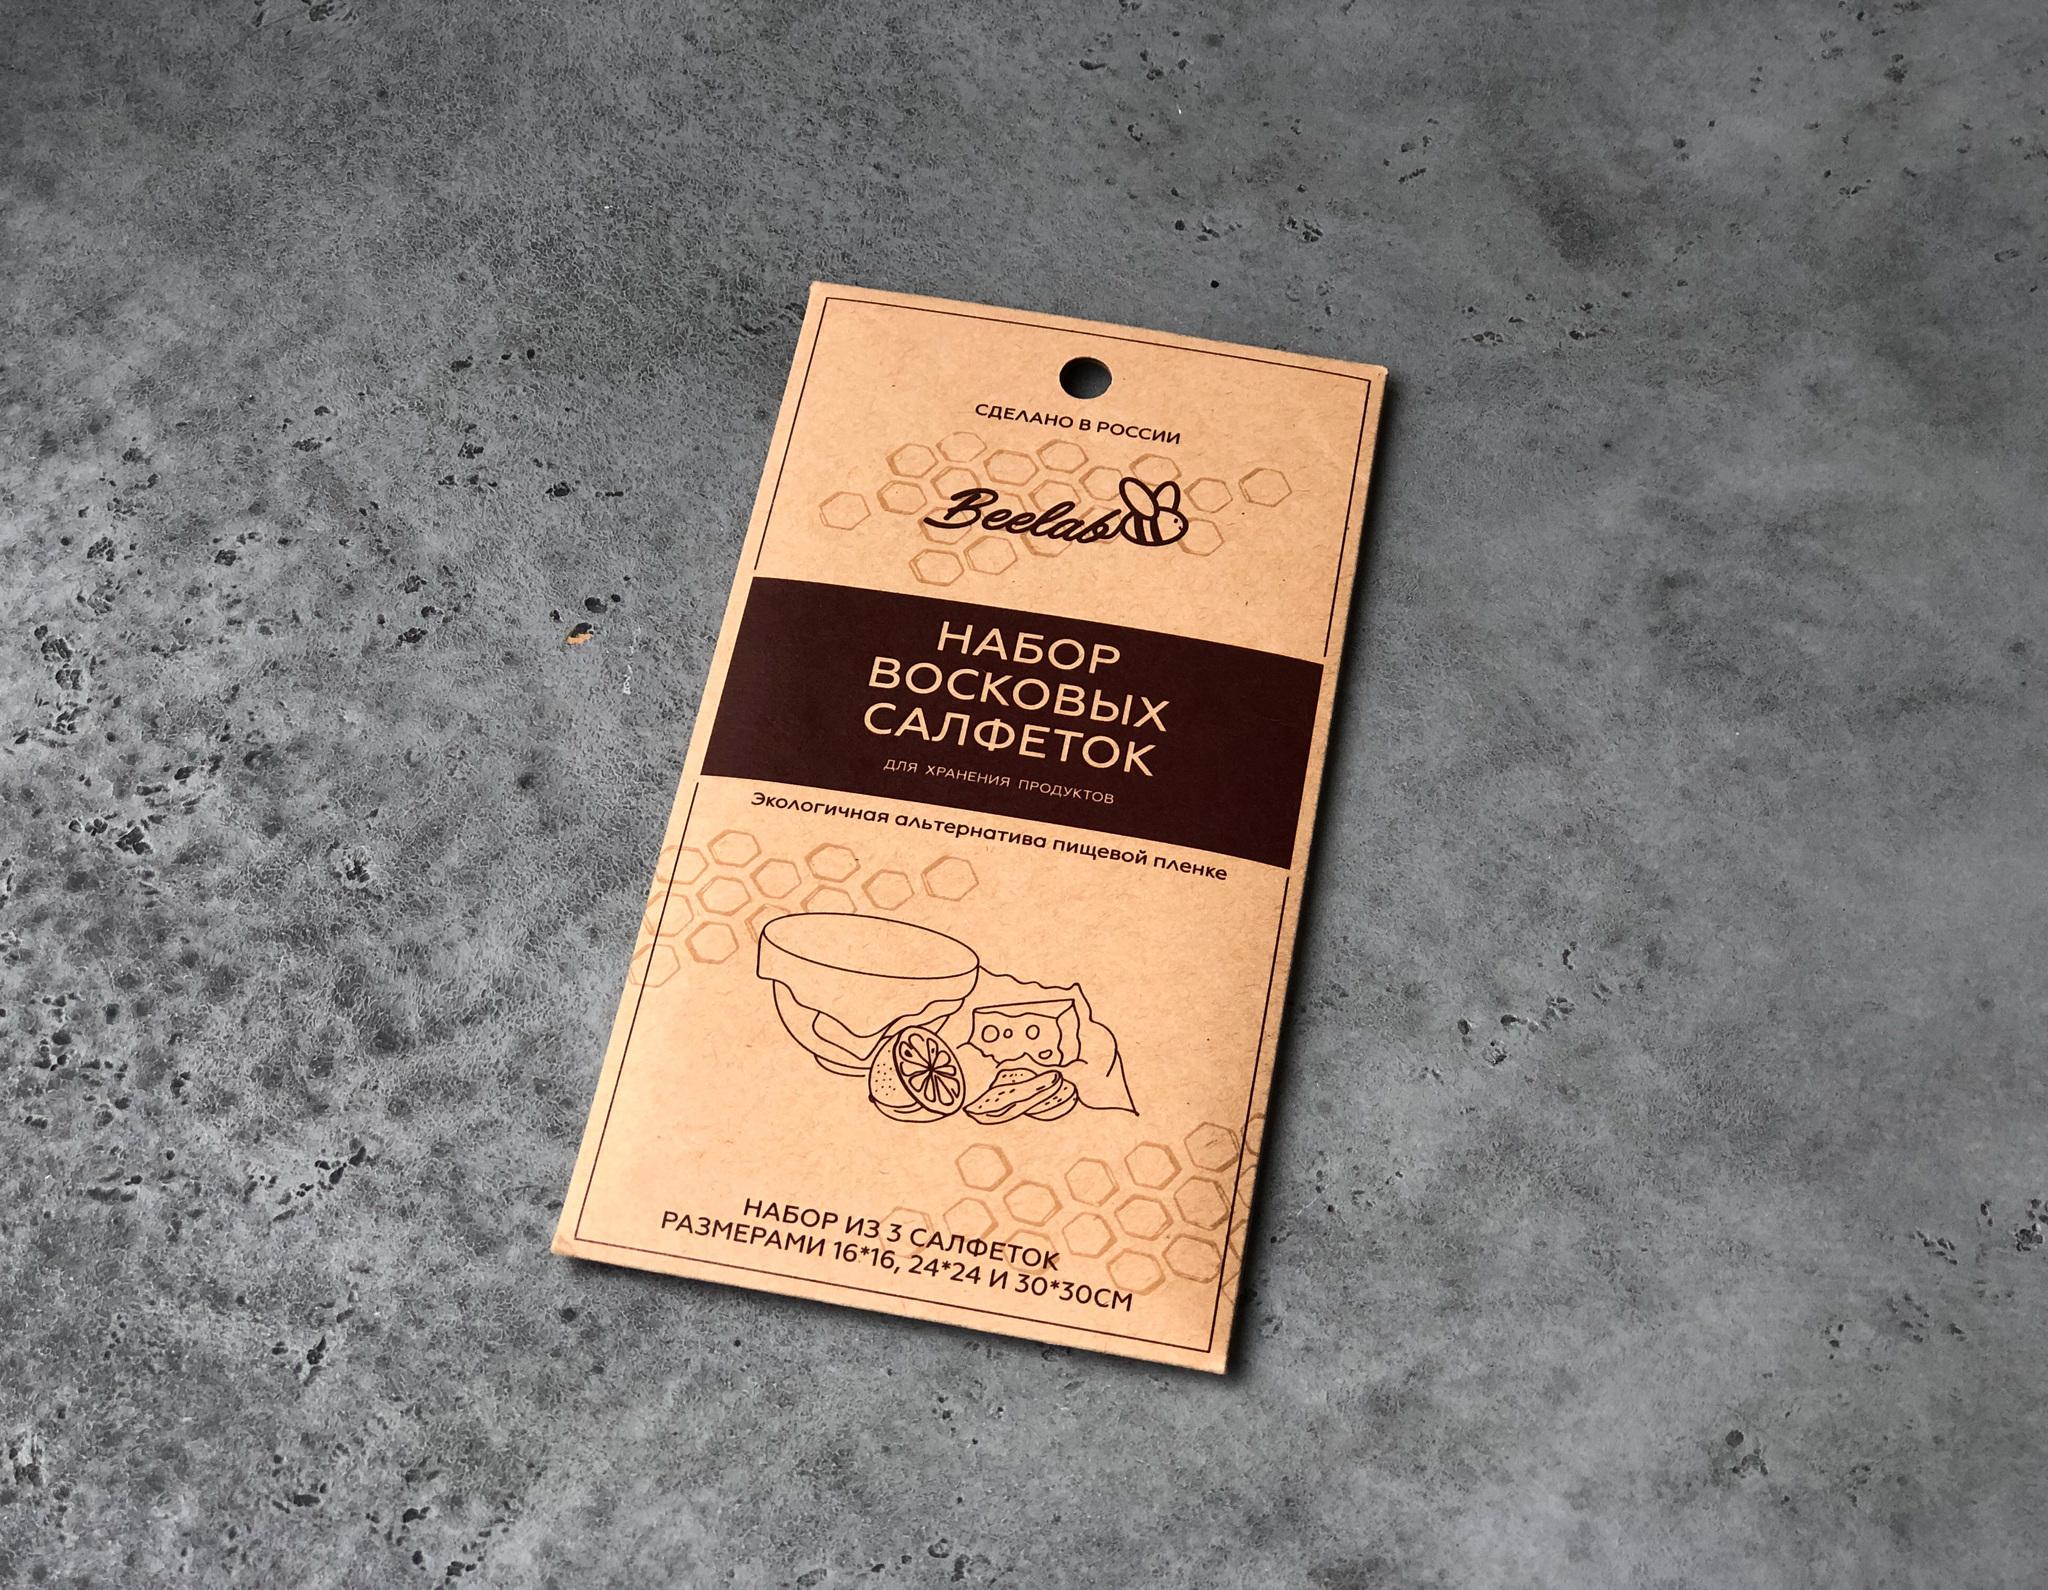 Набор восковых салфеток для хранения продуктов Beelab, 30мх30 см